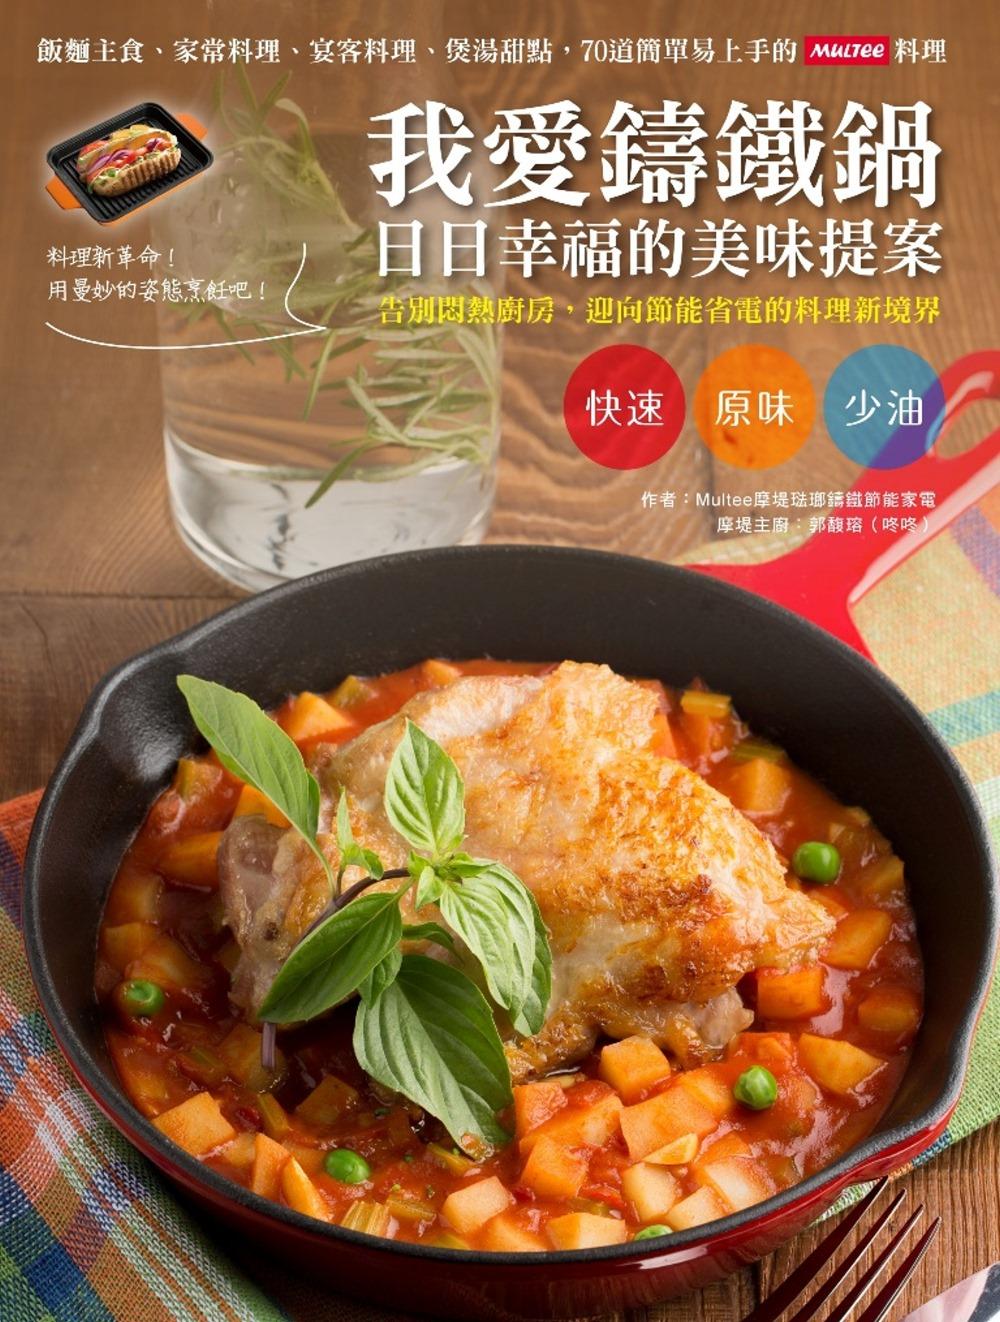 我愛鑄鐵鍋,日日幸福的美味提案:飯麵主食、家常料理、宴客料理、煲湯甜點,70道簡單易上手的Multee料理